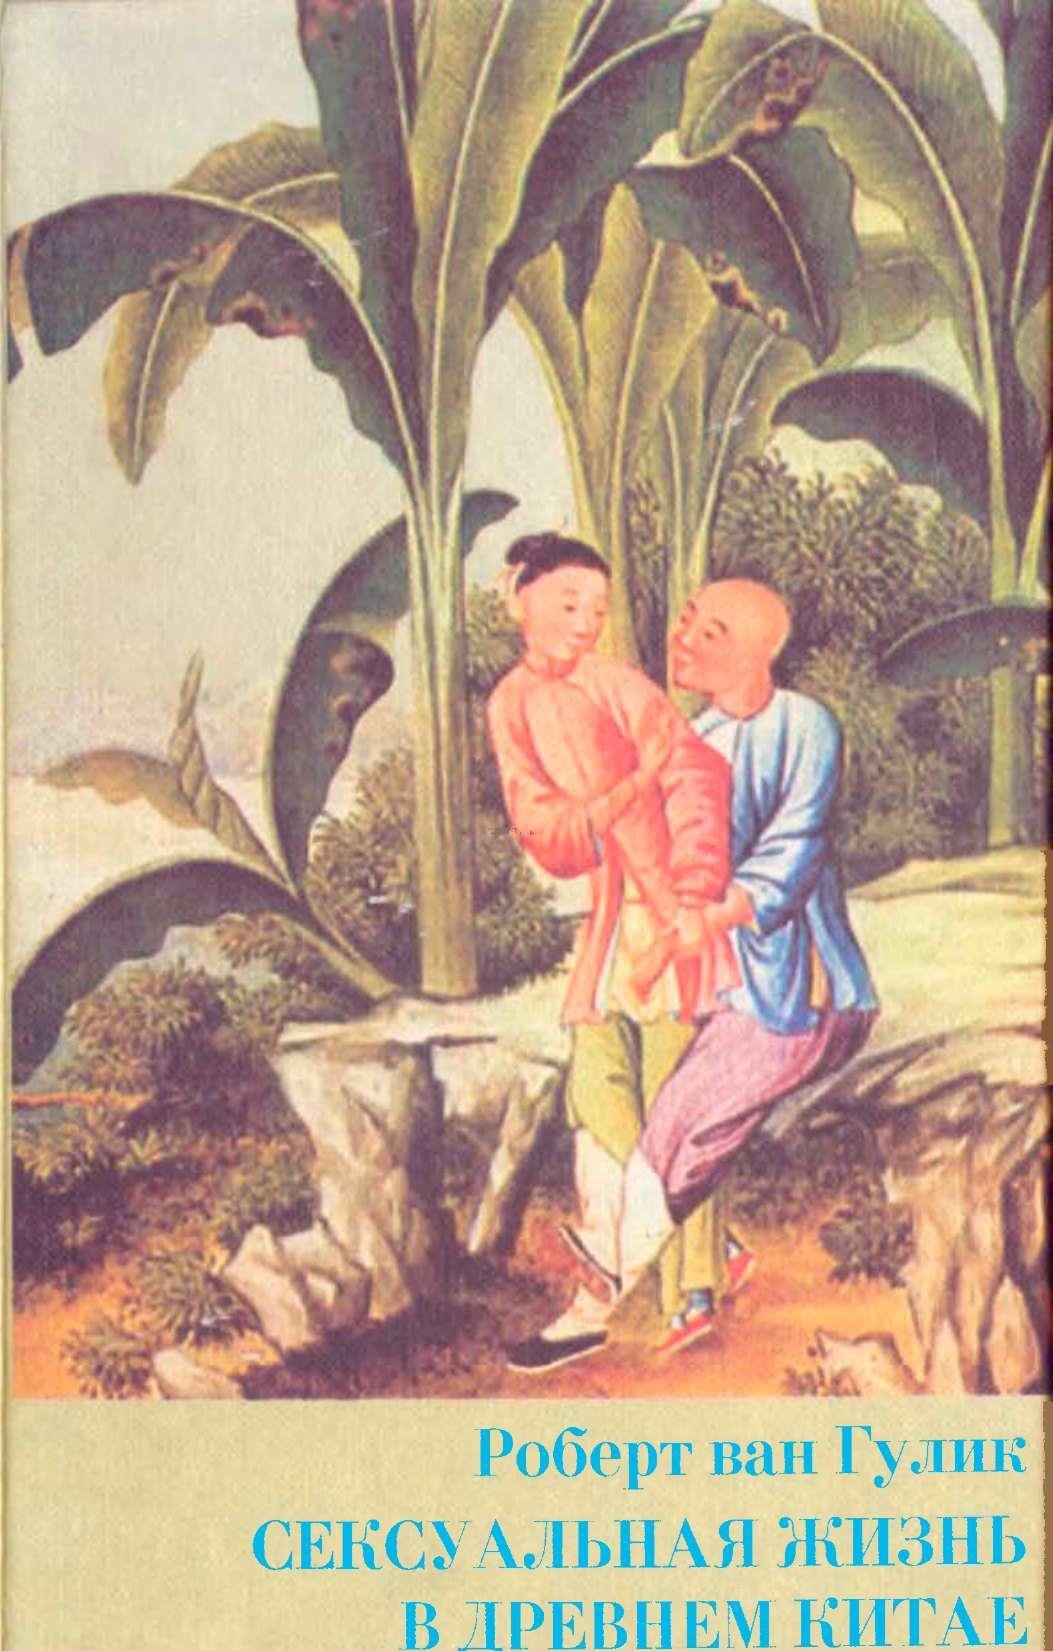 Фыото илюстрации о сексе в древнем мире